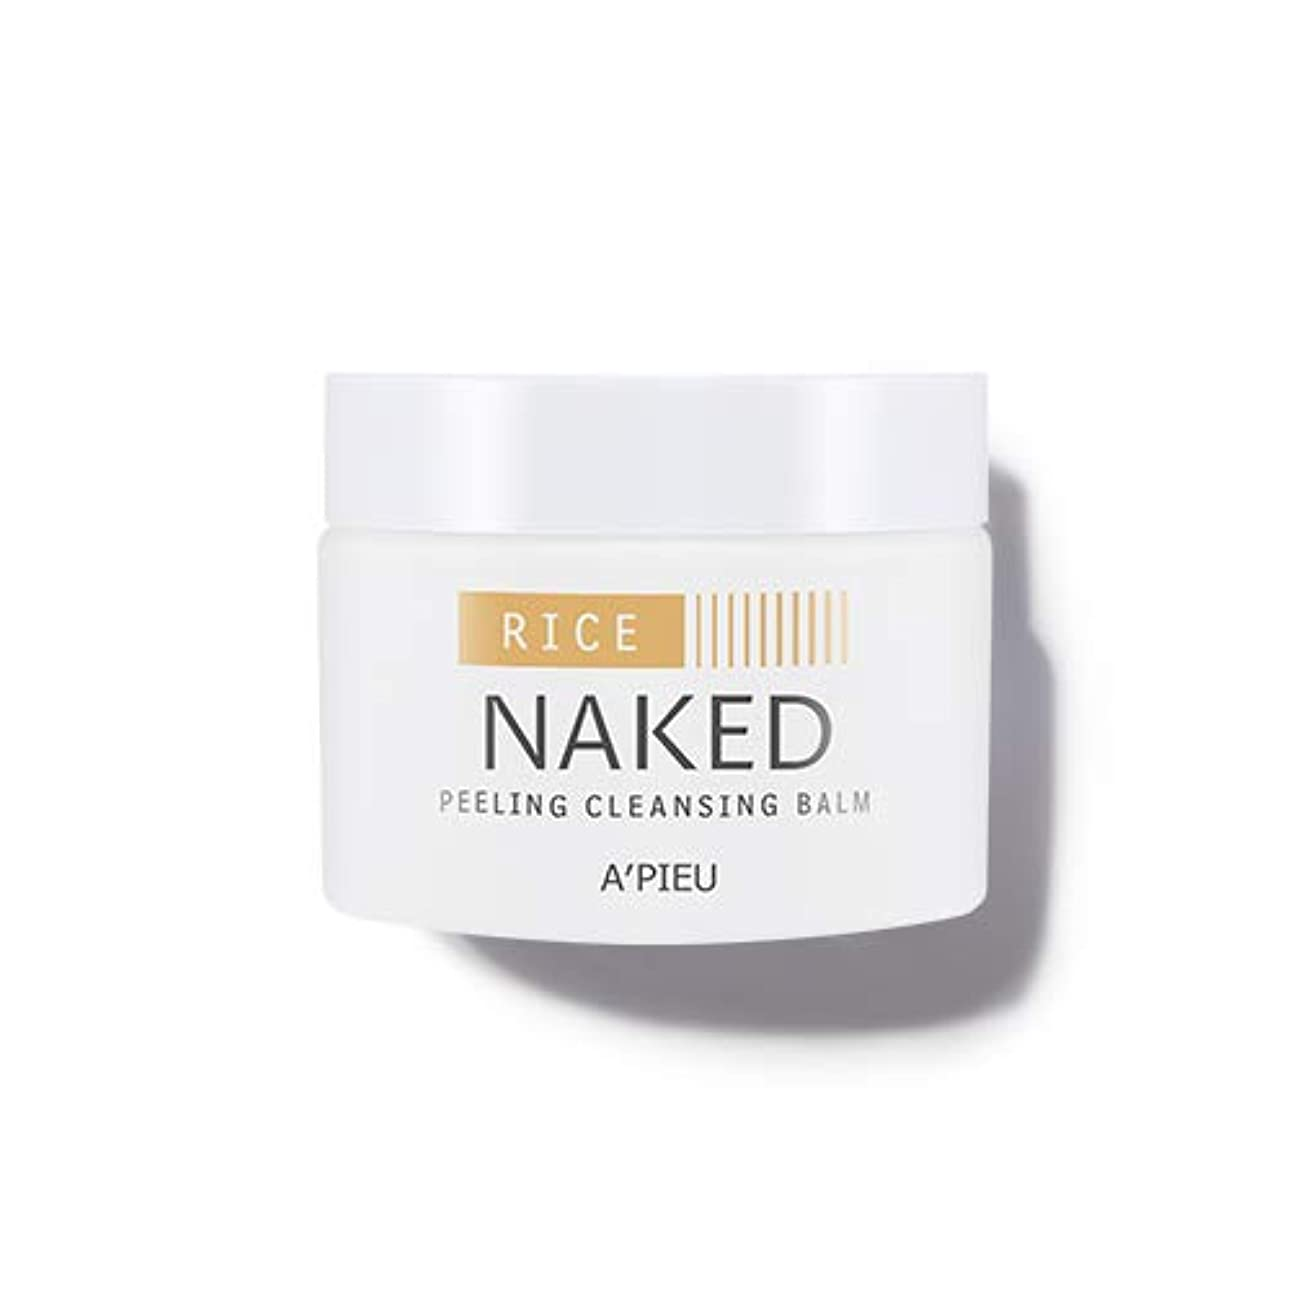 新鮮なナビゲーションペインティングアピュ ネイキッド ピーリング クレンジング バーム 45g / APIEU Naked Peeling Cleansing Balm [並行輸入品]